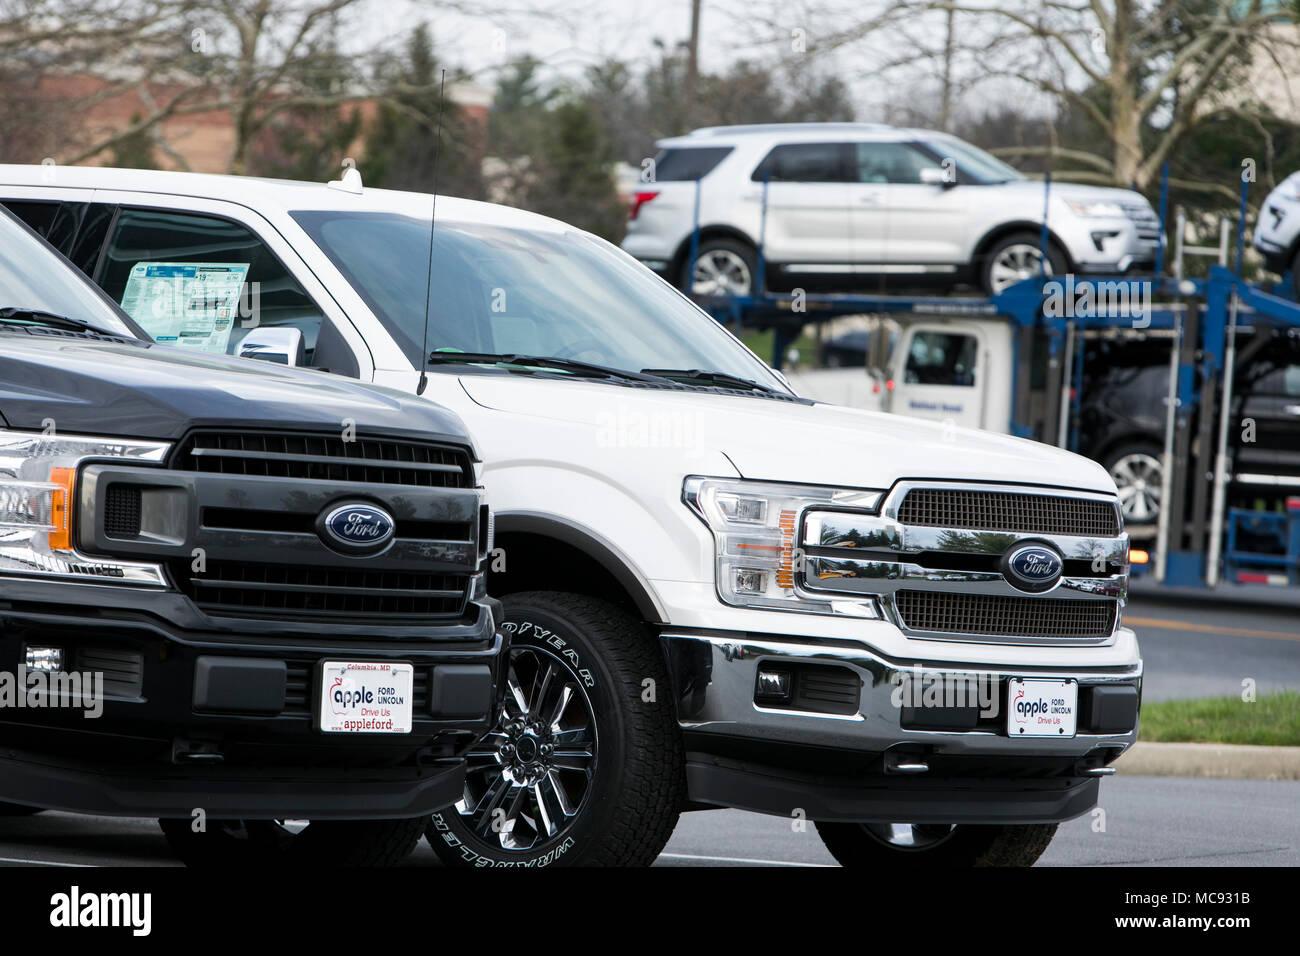 Eine Reihe von neuen Ford F-Serie Pick-up-Trucks und Explorer SUV's in einem Autohaus in Columbia, Maryland am 13. April 2018. Stockbild